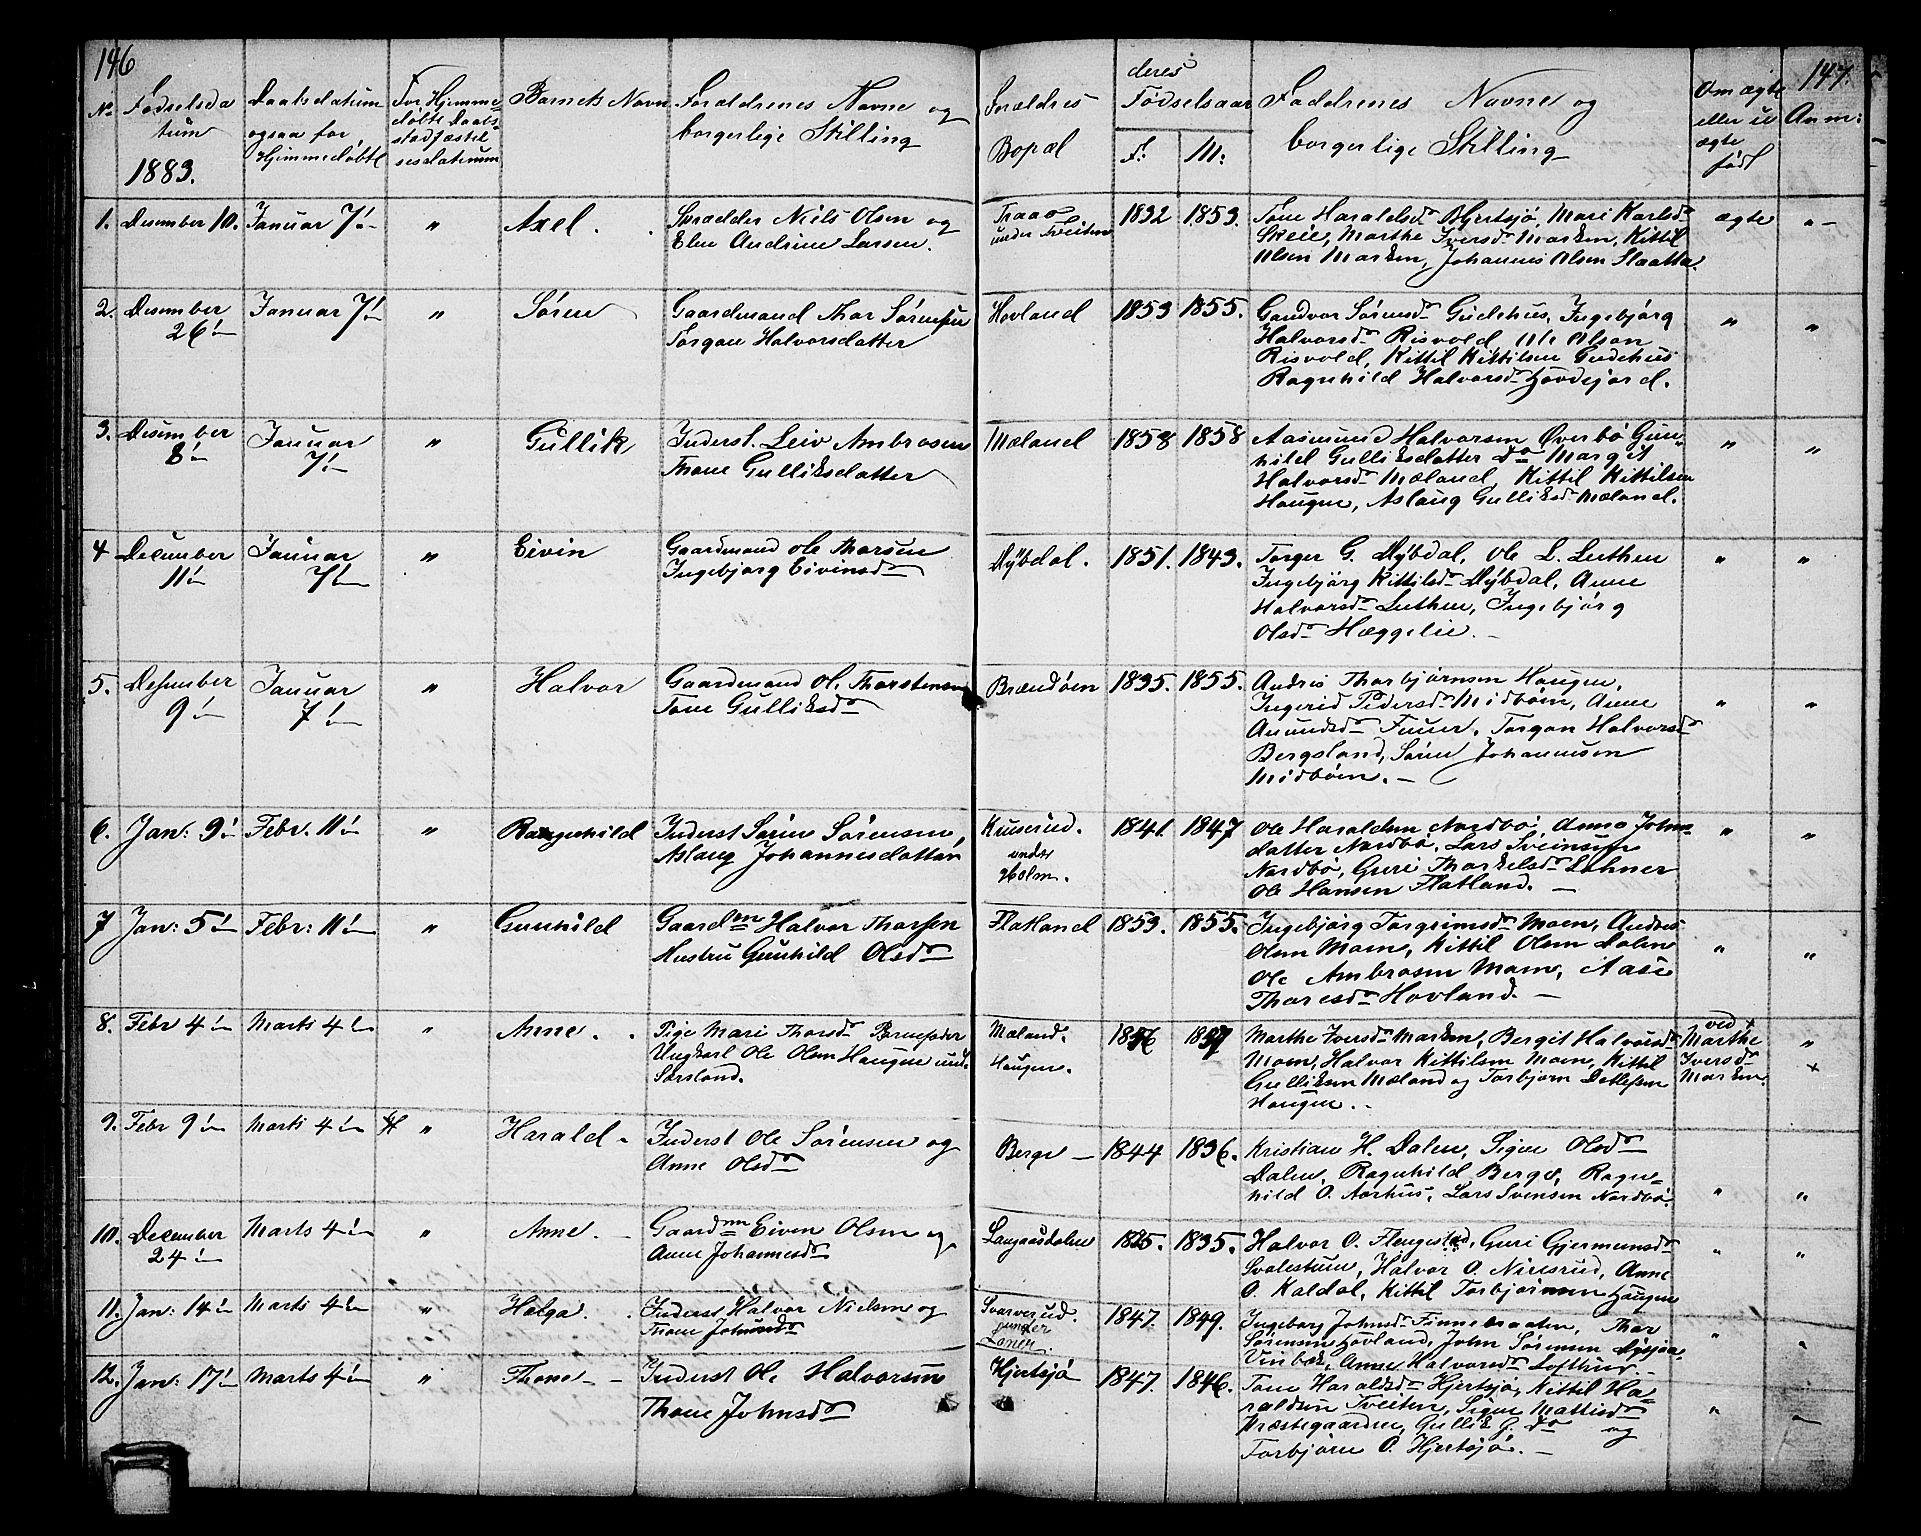 SAKO, Hjartdal kirkebøker, G/Ga/L0002: Klokkerbok nr. I 2, 1854-1888, s. 146-147